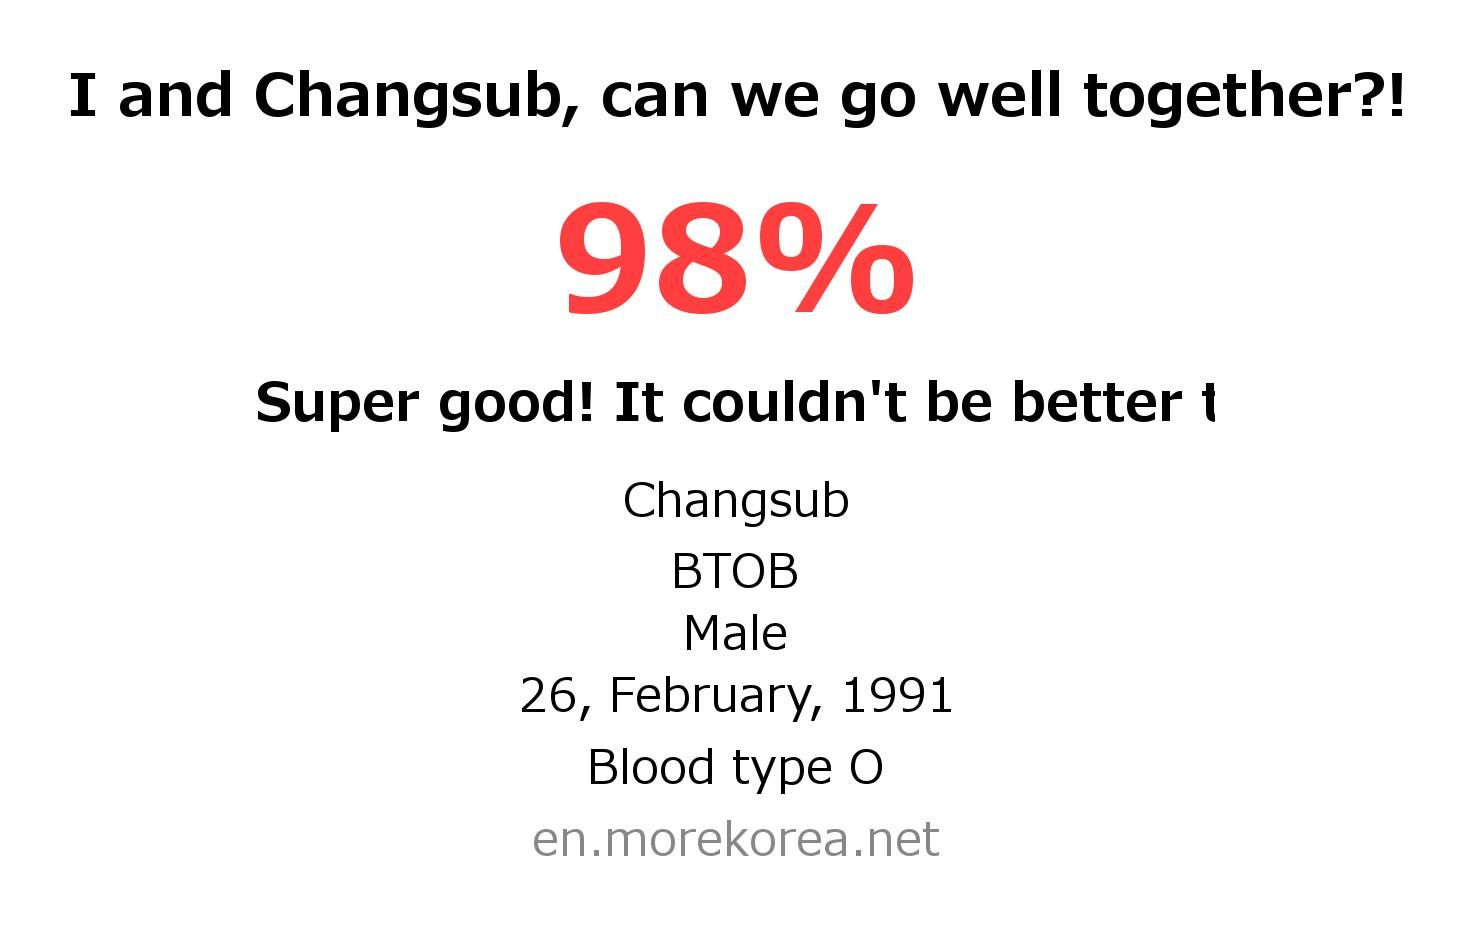 Kpop Idols Matching Fortune Check Changsub Btob Kpop Idol Btob Idol